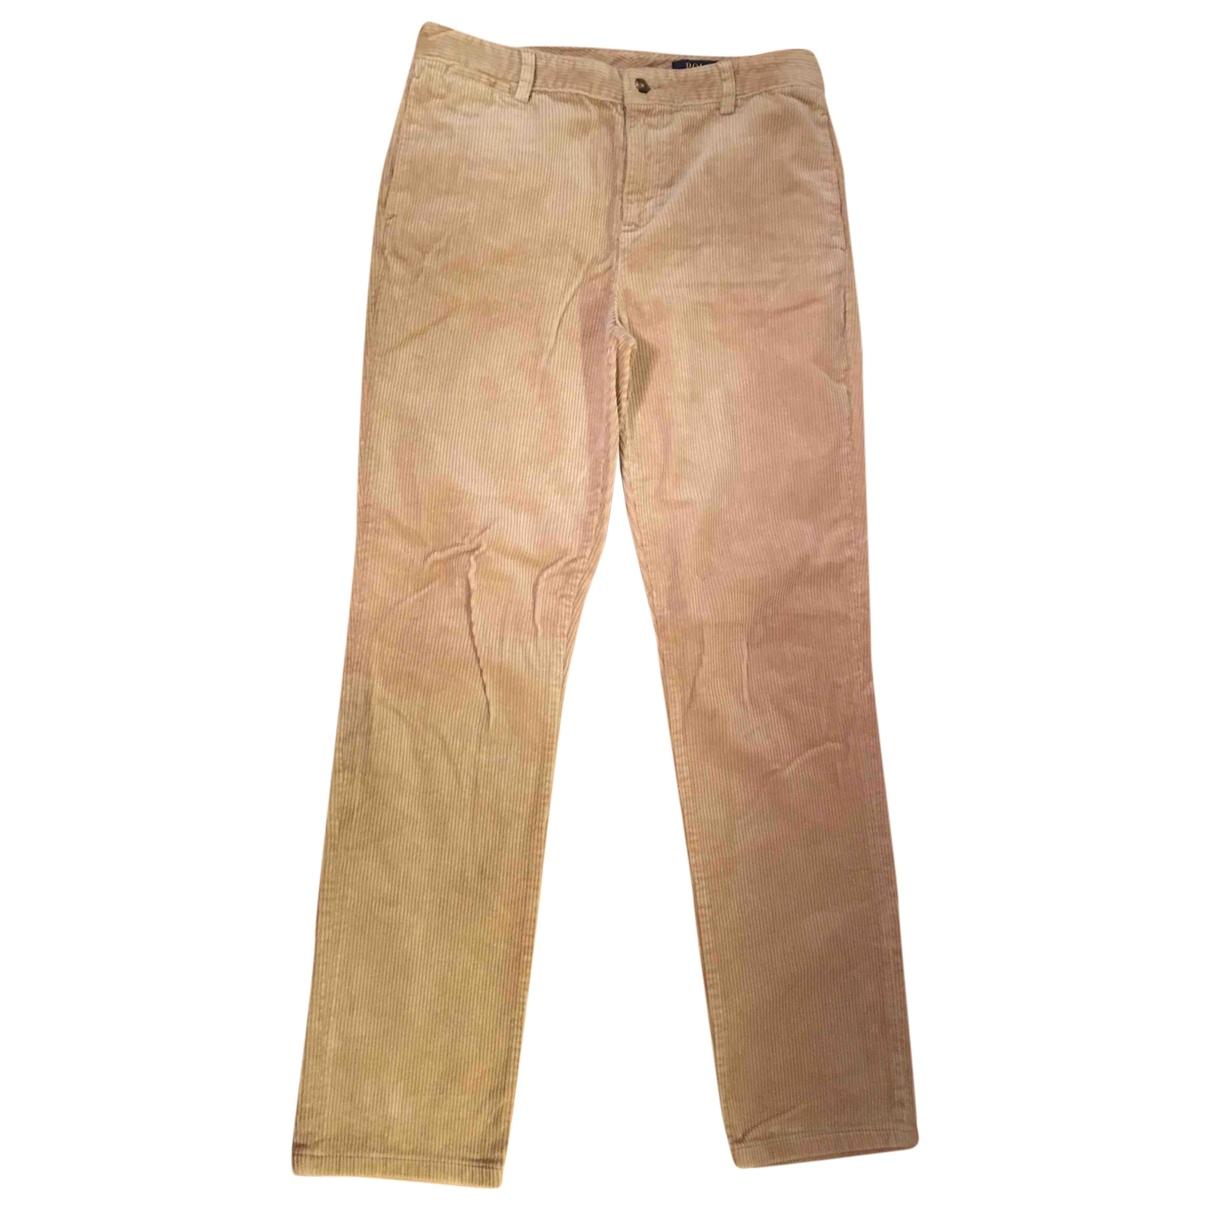 Polo Ralph Lauren \N Beige Velvet Trousers for Kids 20 years - XL FR